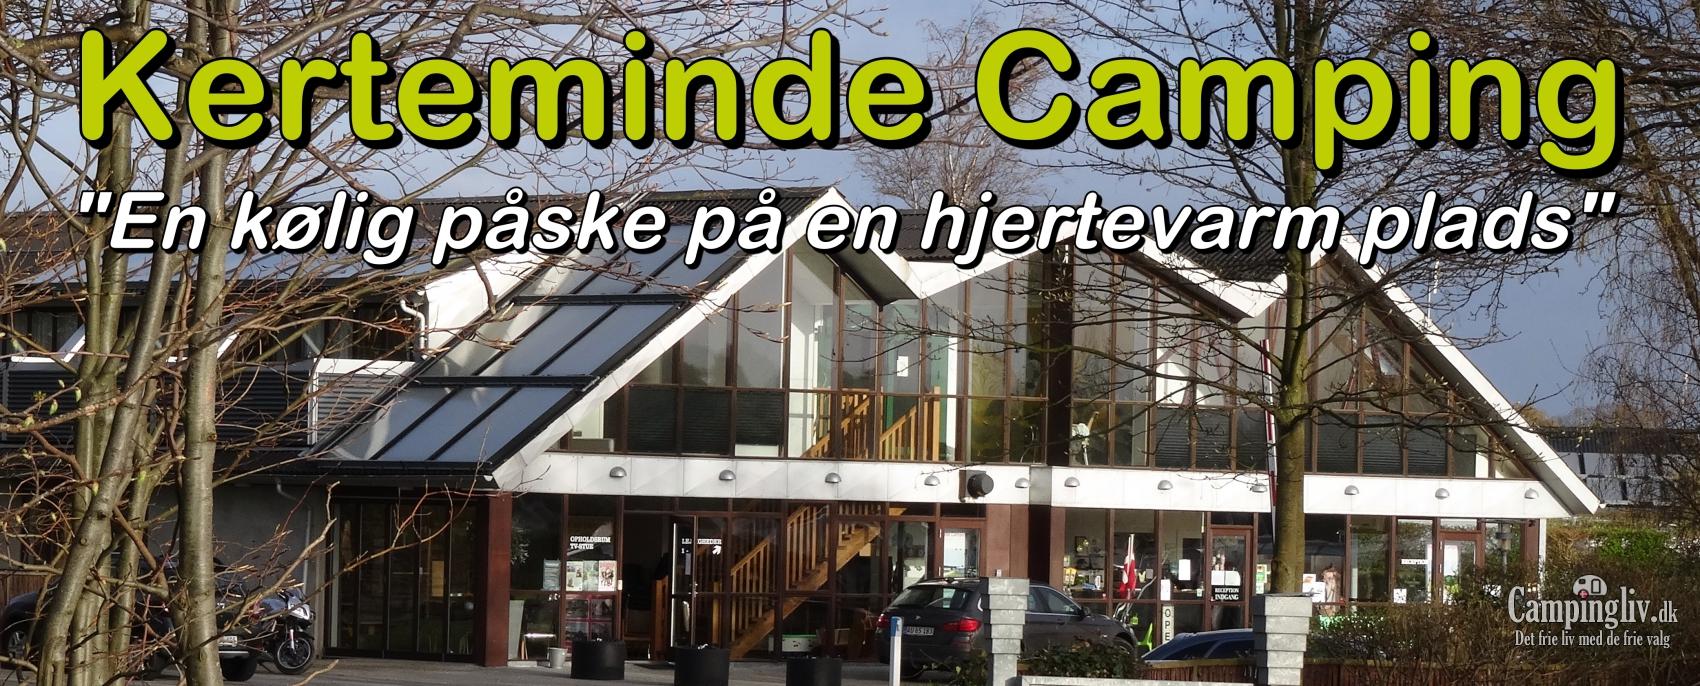 Kerteminde_Camping